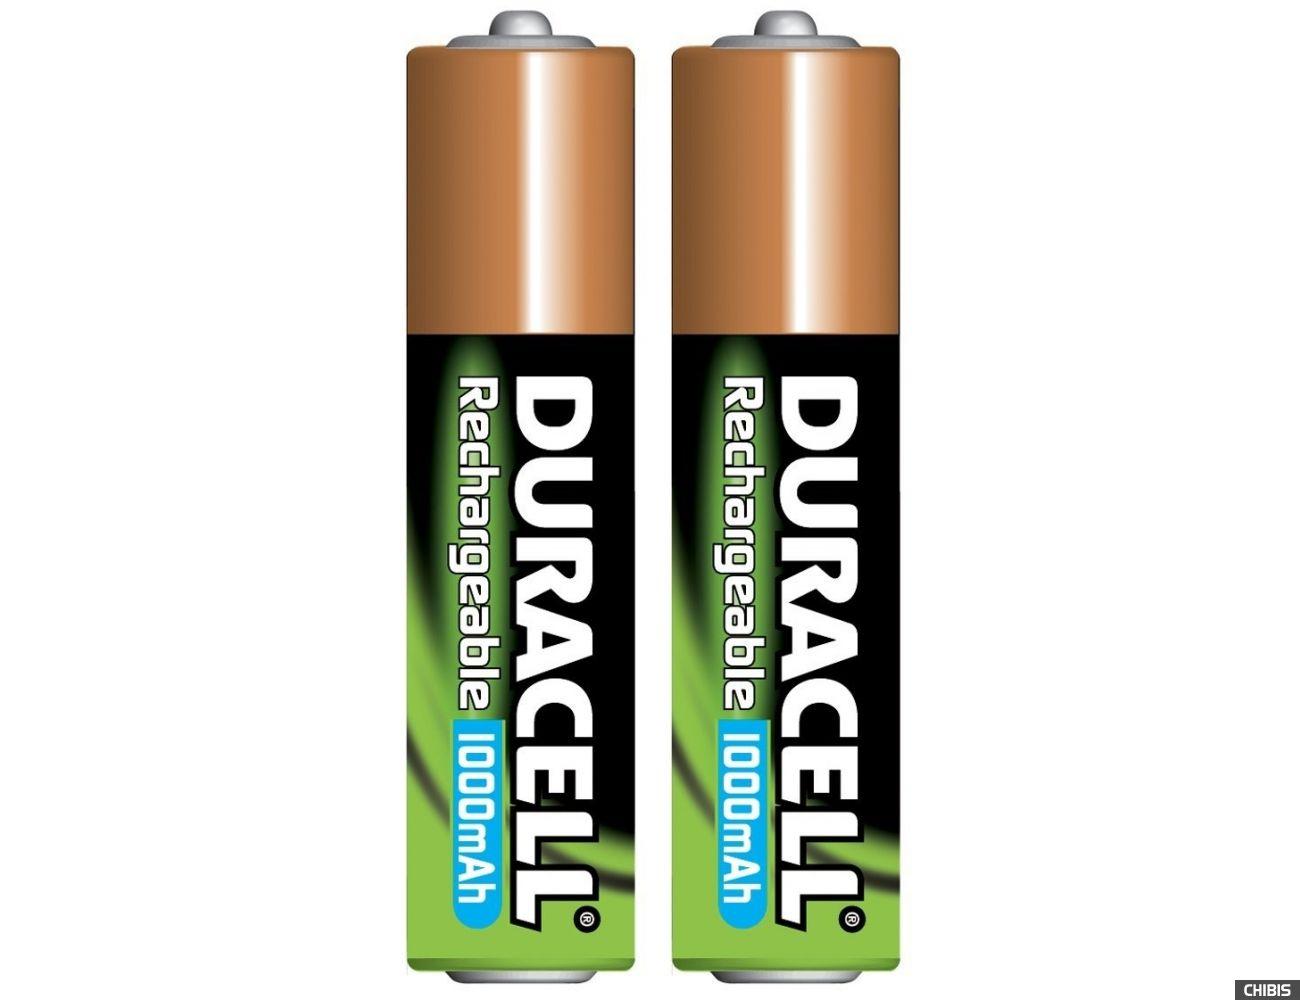 Аккумуляторные батарейки ААА Duracell 1000 mAh (HR03, Ni-Mh, 1.2V) 2/2 шт. 5000394099678